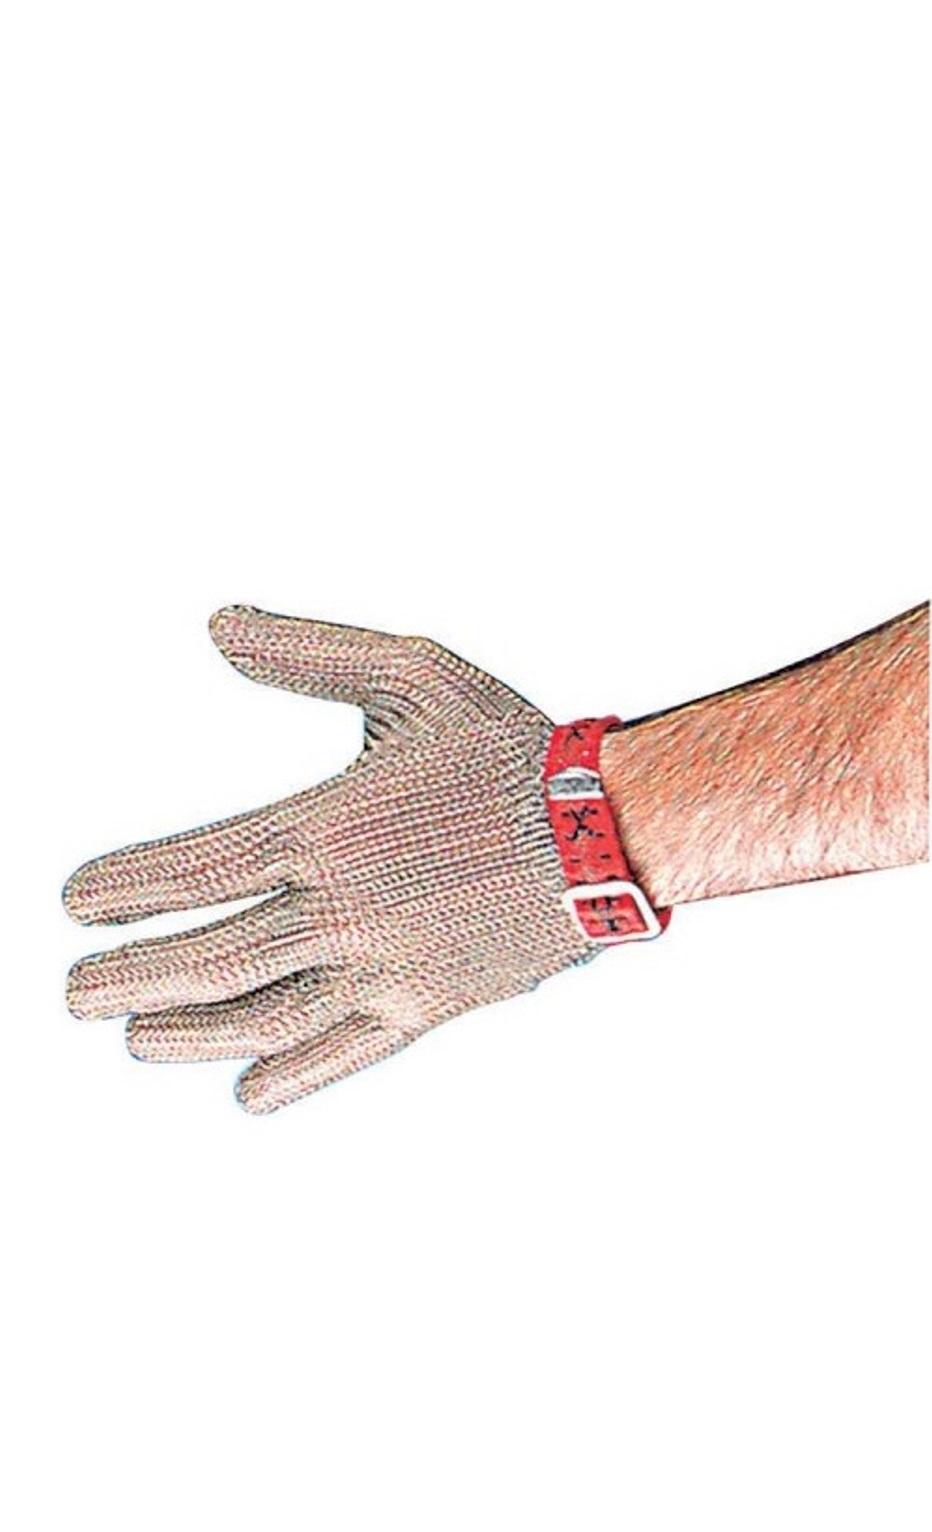 Онлайн каталог PROMENU: Перчатка кольчужная из нержавеющей стали Paderno KITCHEN UTENSILS, размер M                                   48505-02